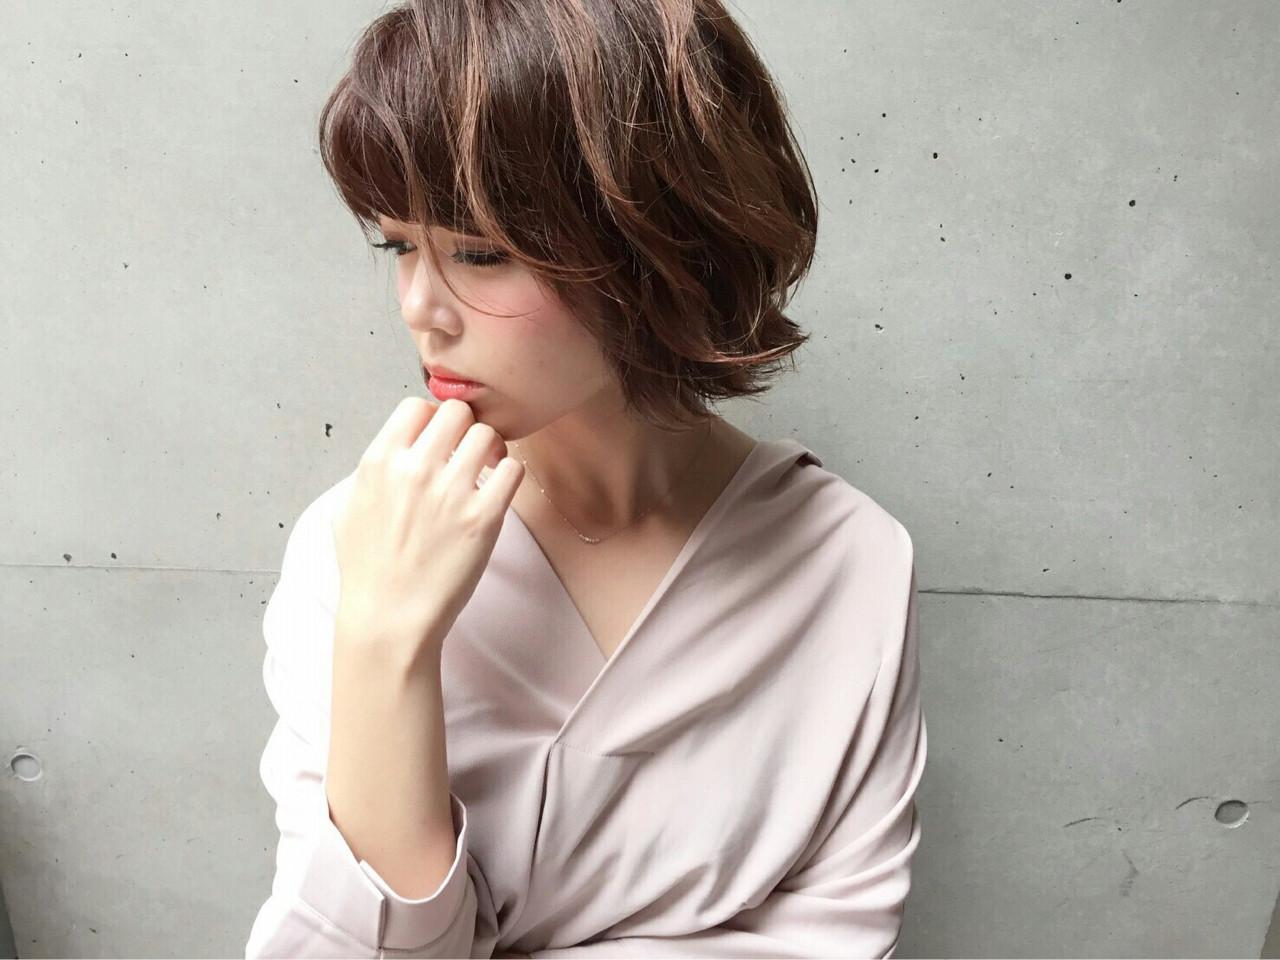 ストリート 小顔 パーマ 色気 ヘアスタイルや髪型の写真・画像 | のりちゃん /